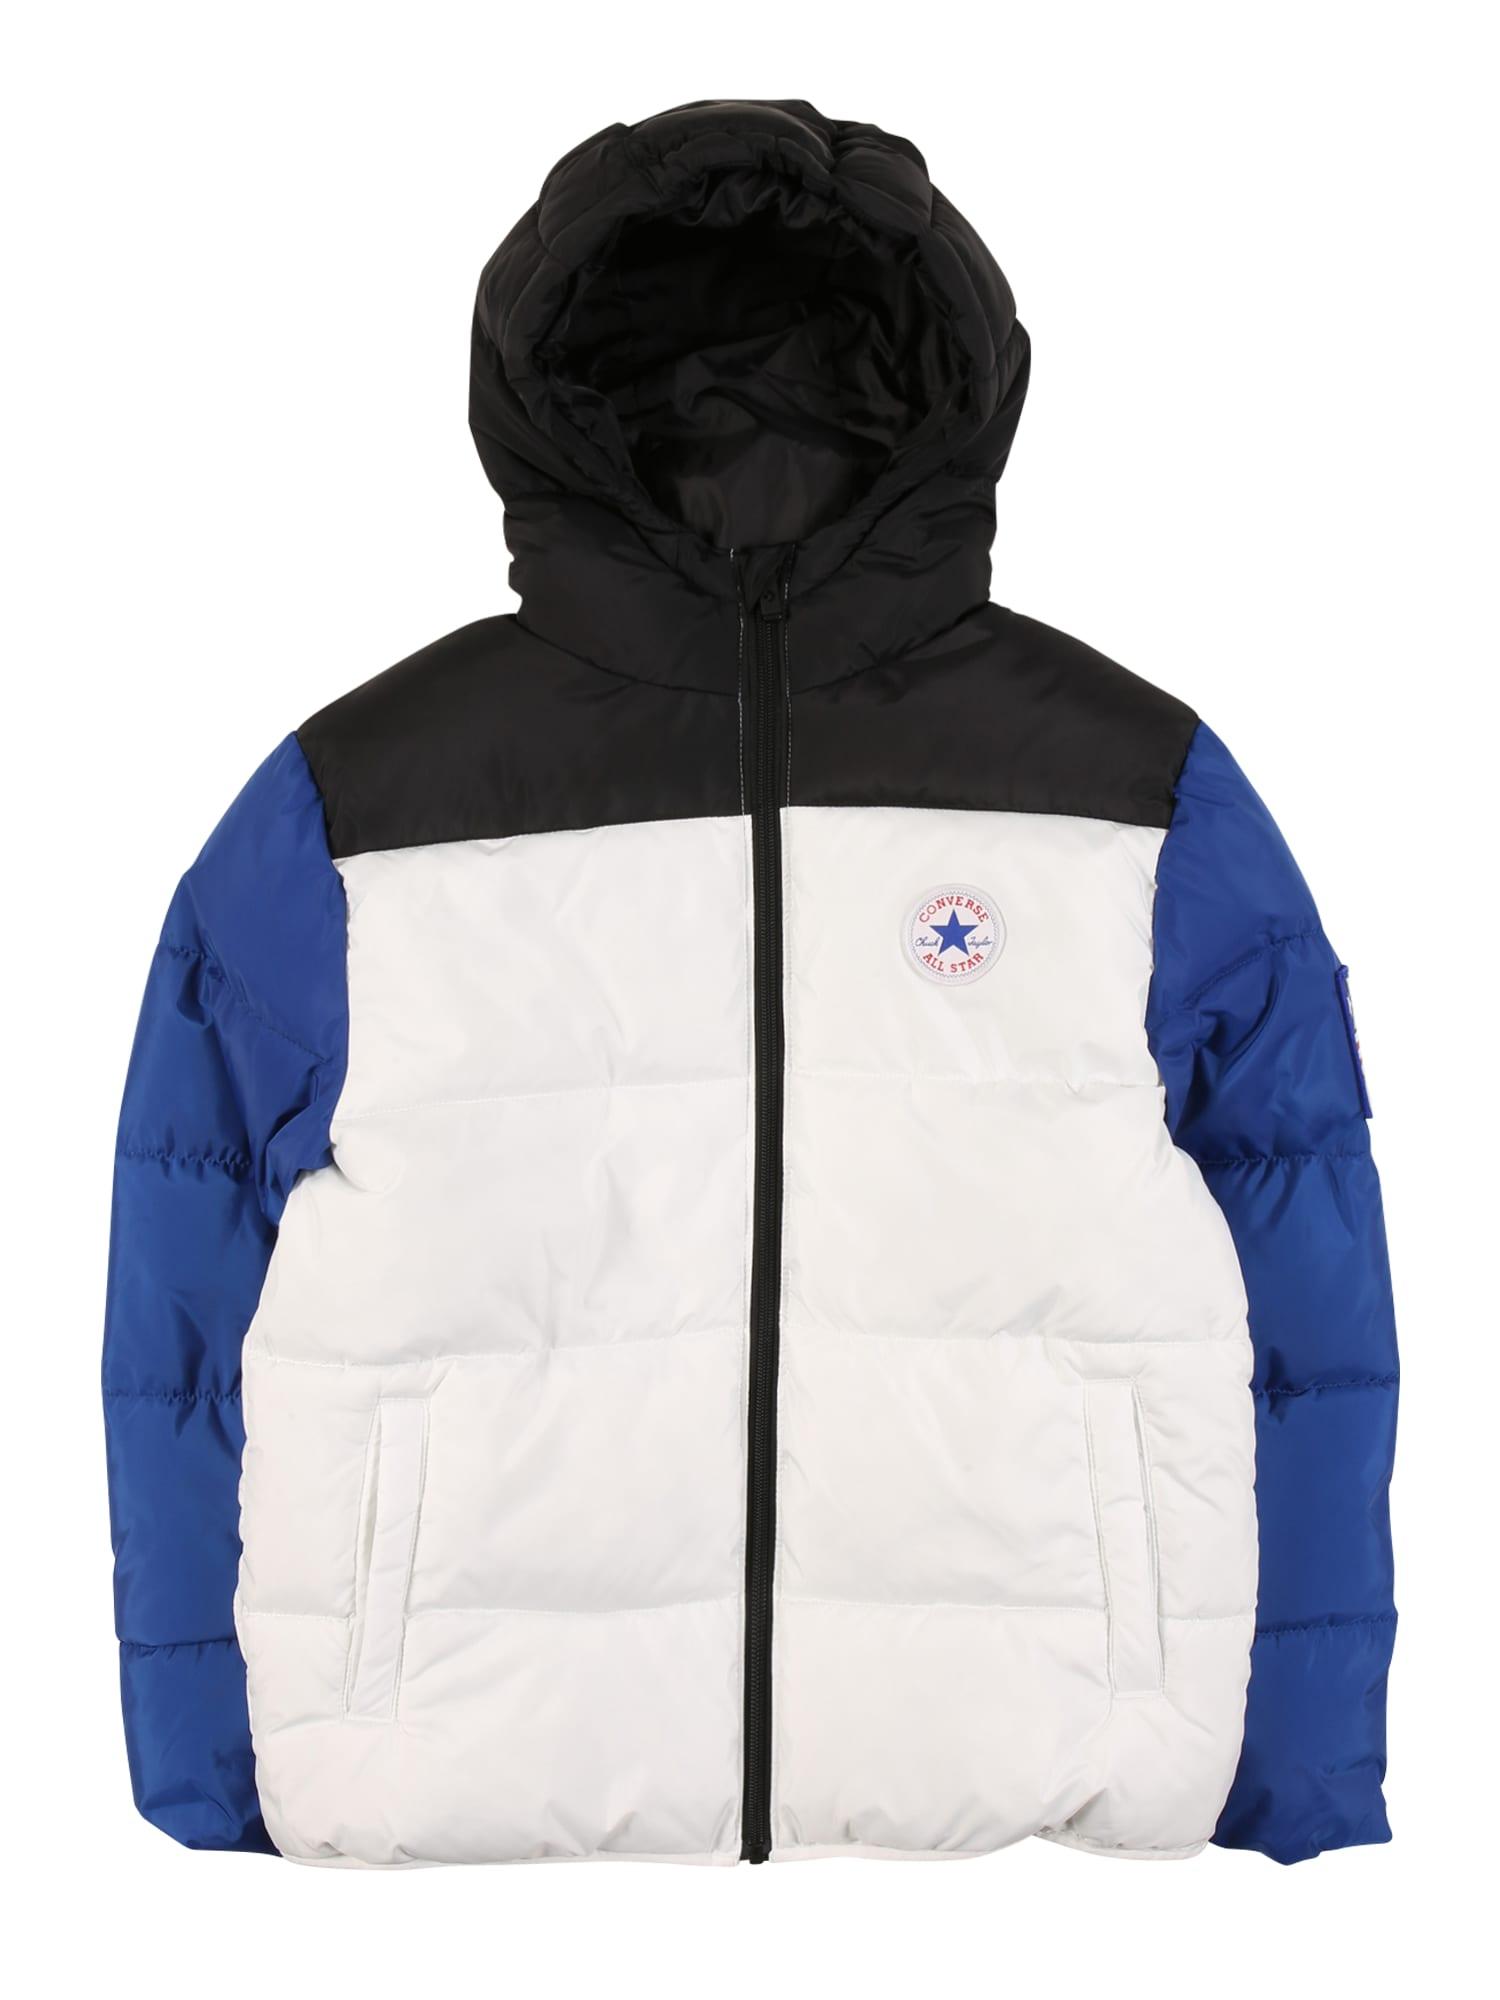 CONVERSE Žieminė striukė ' VARSITY' juoda / balta / mėlyna